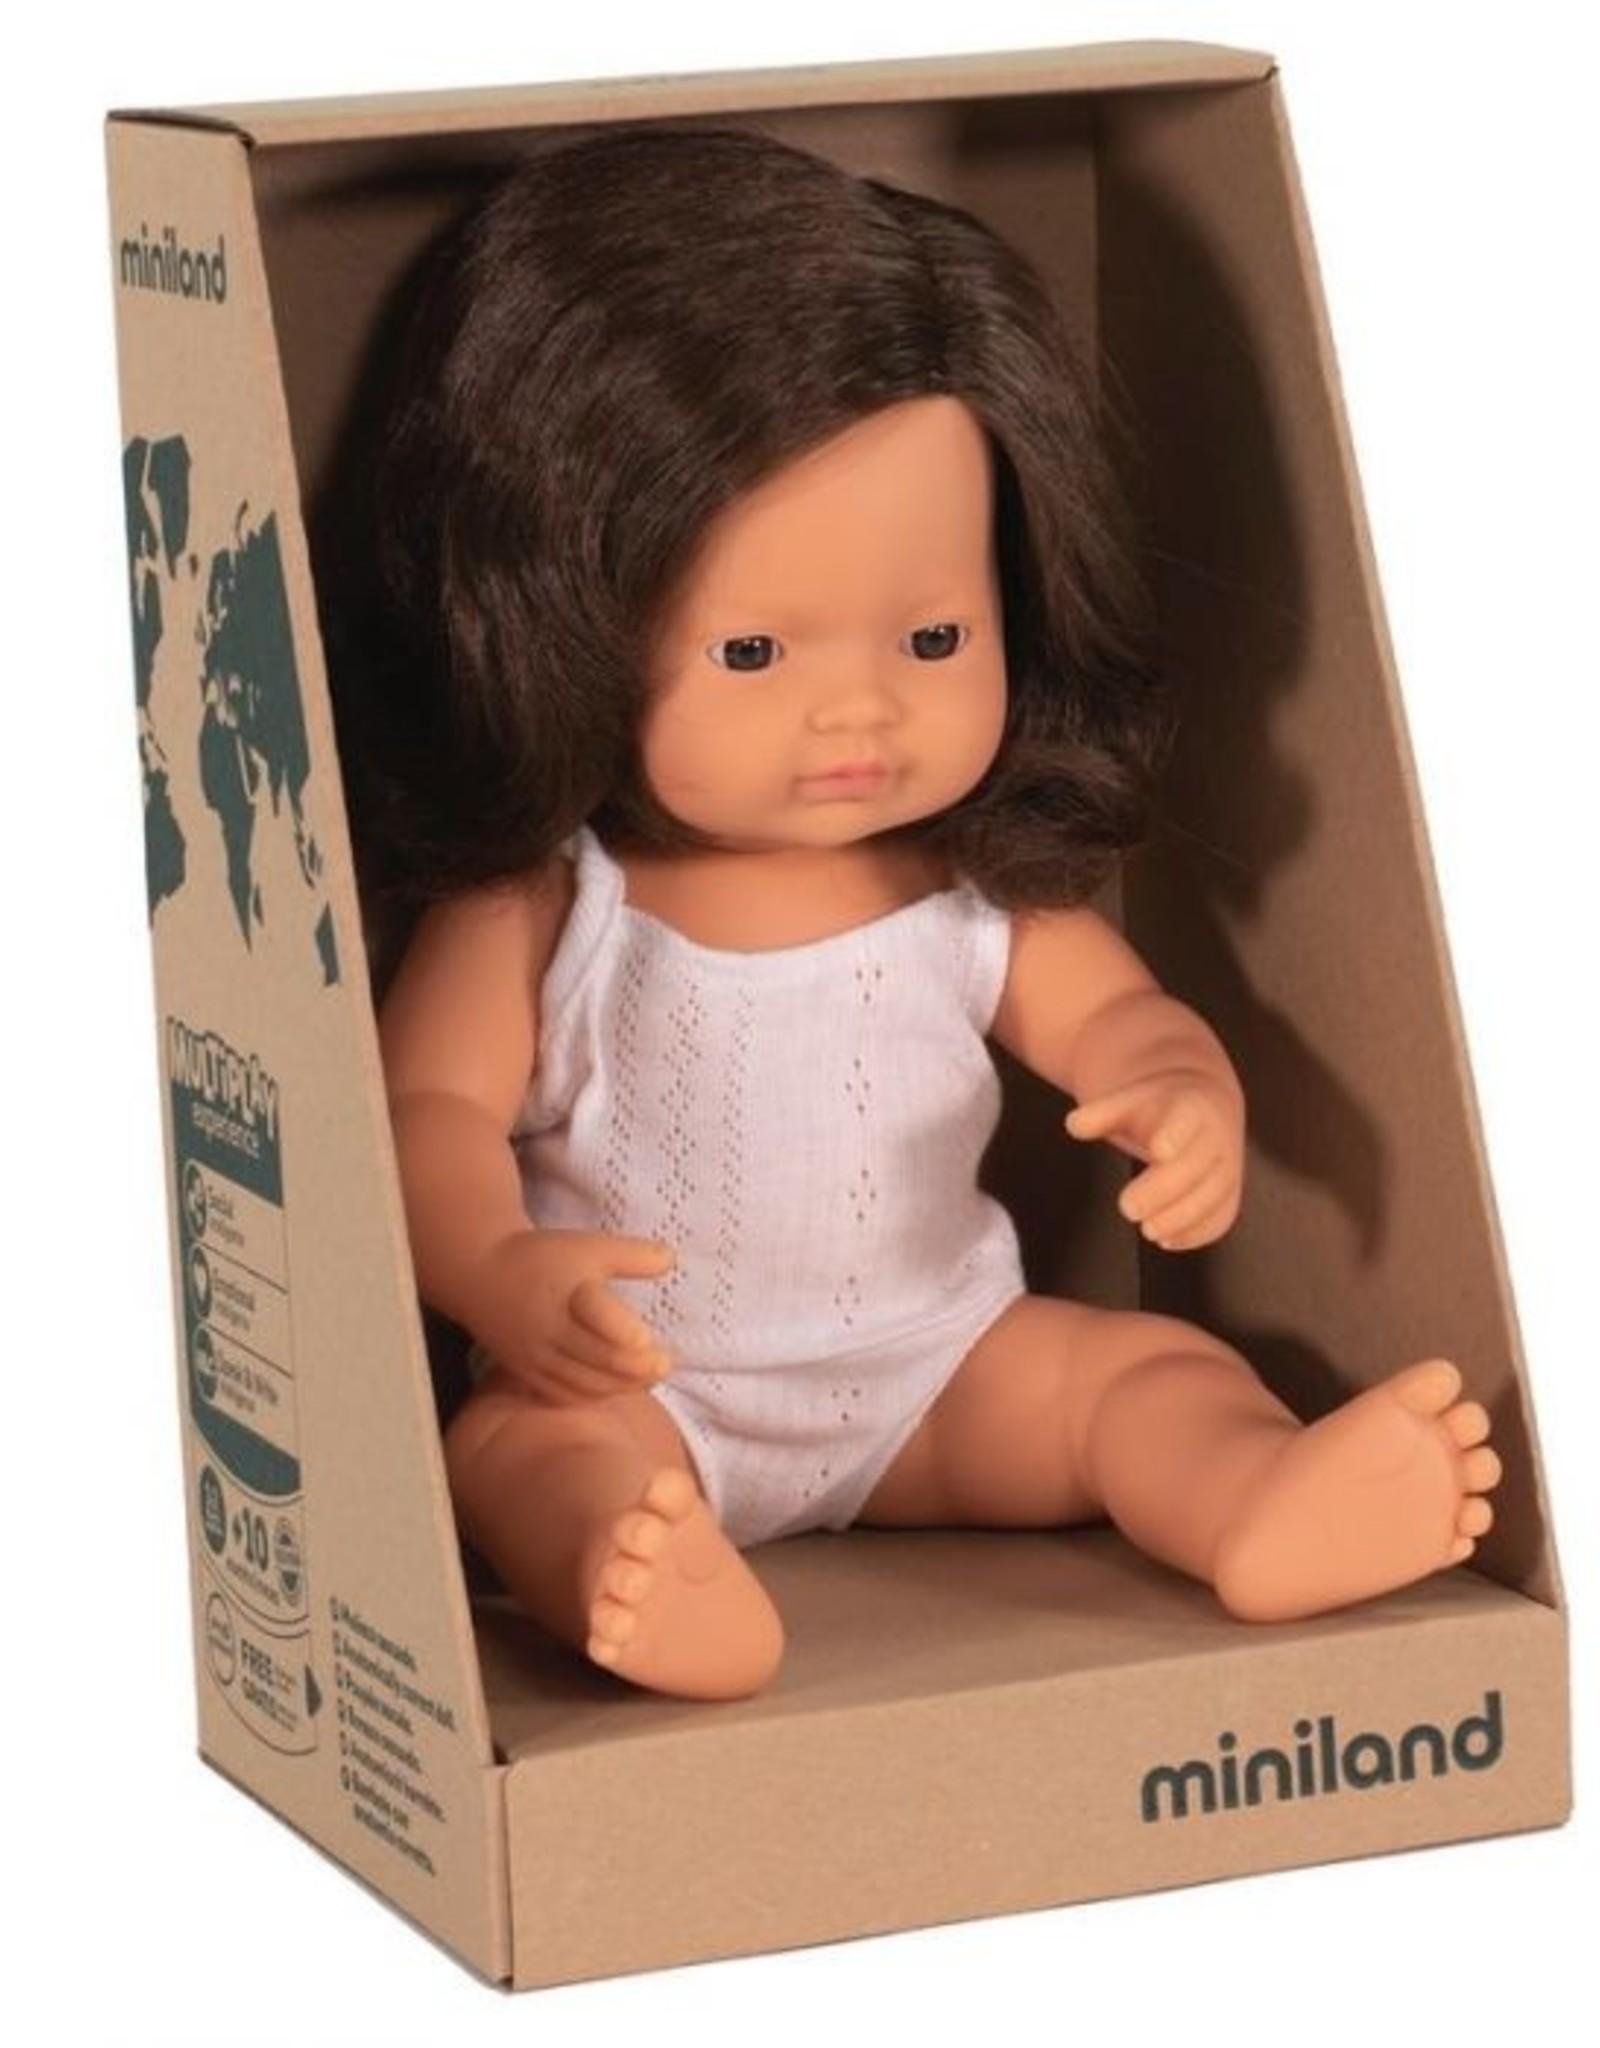 Miniland Miniland Doll 38cm -New Girl Brunette